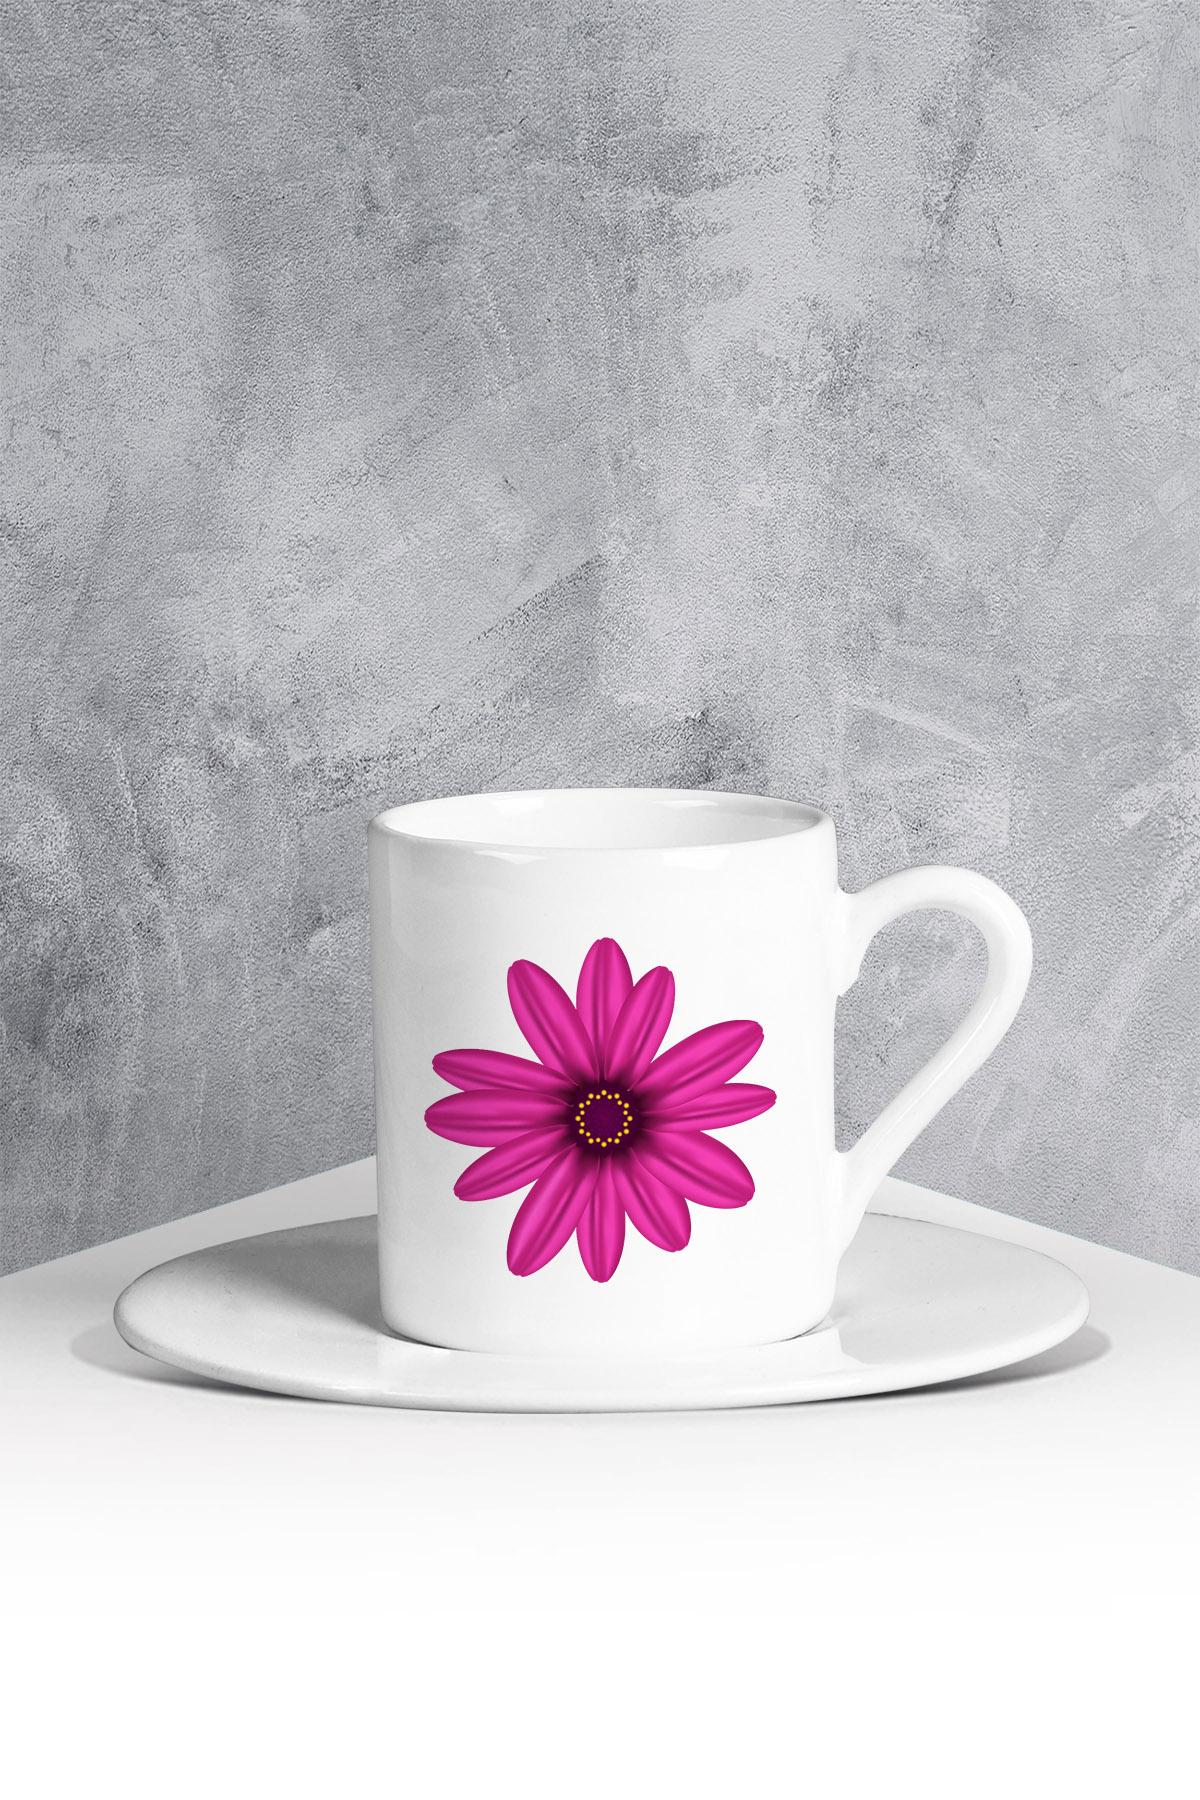 كوب قهوة أبيض بطبعة ورود